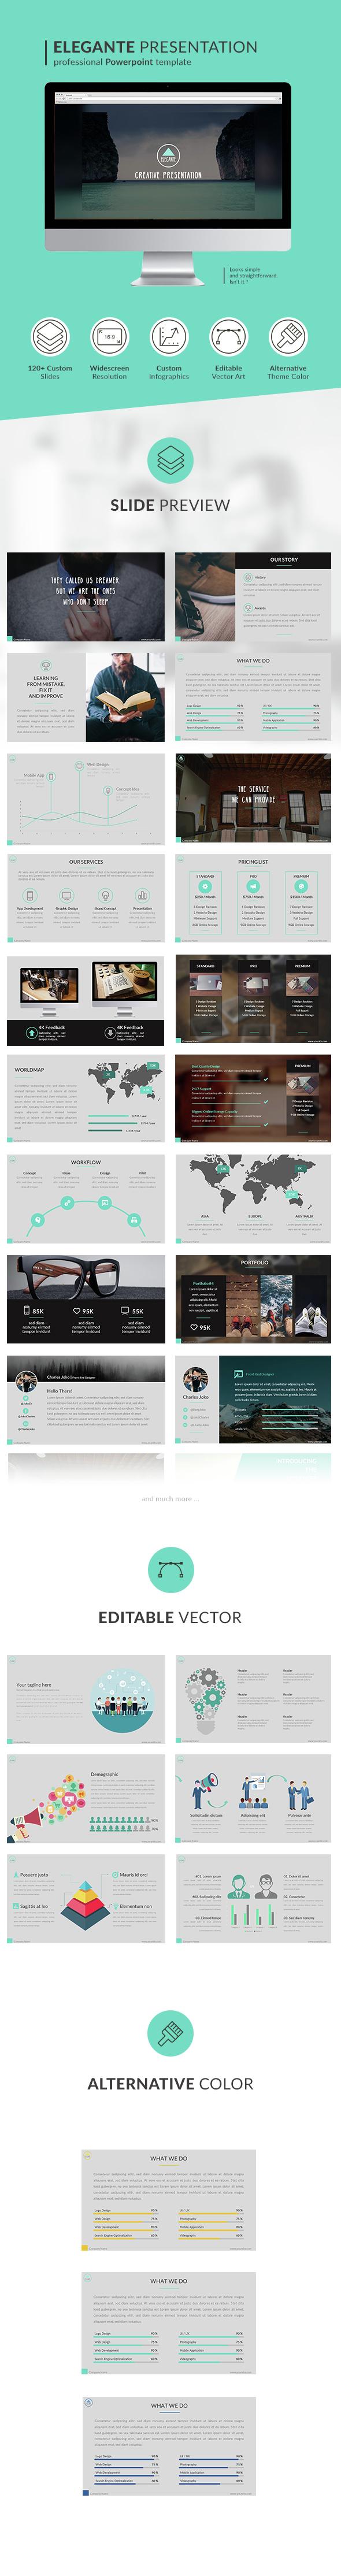 Elegante Powerpoint Presentation - PowerPoint Templates Presentation Templates